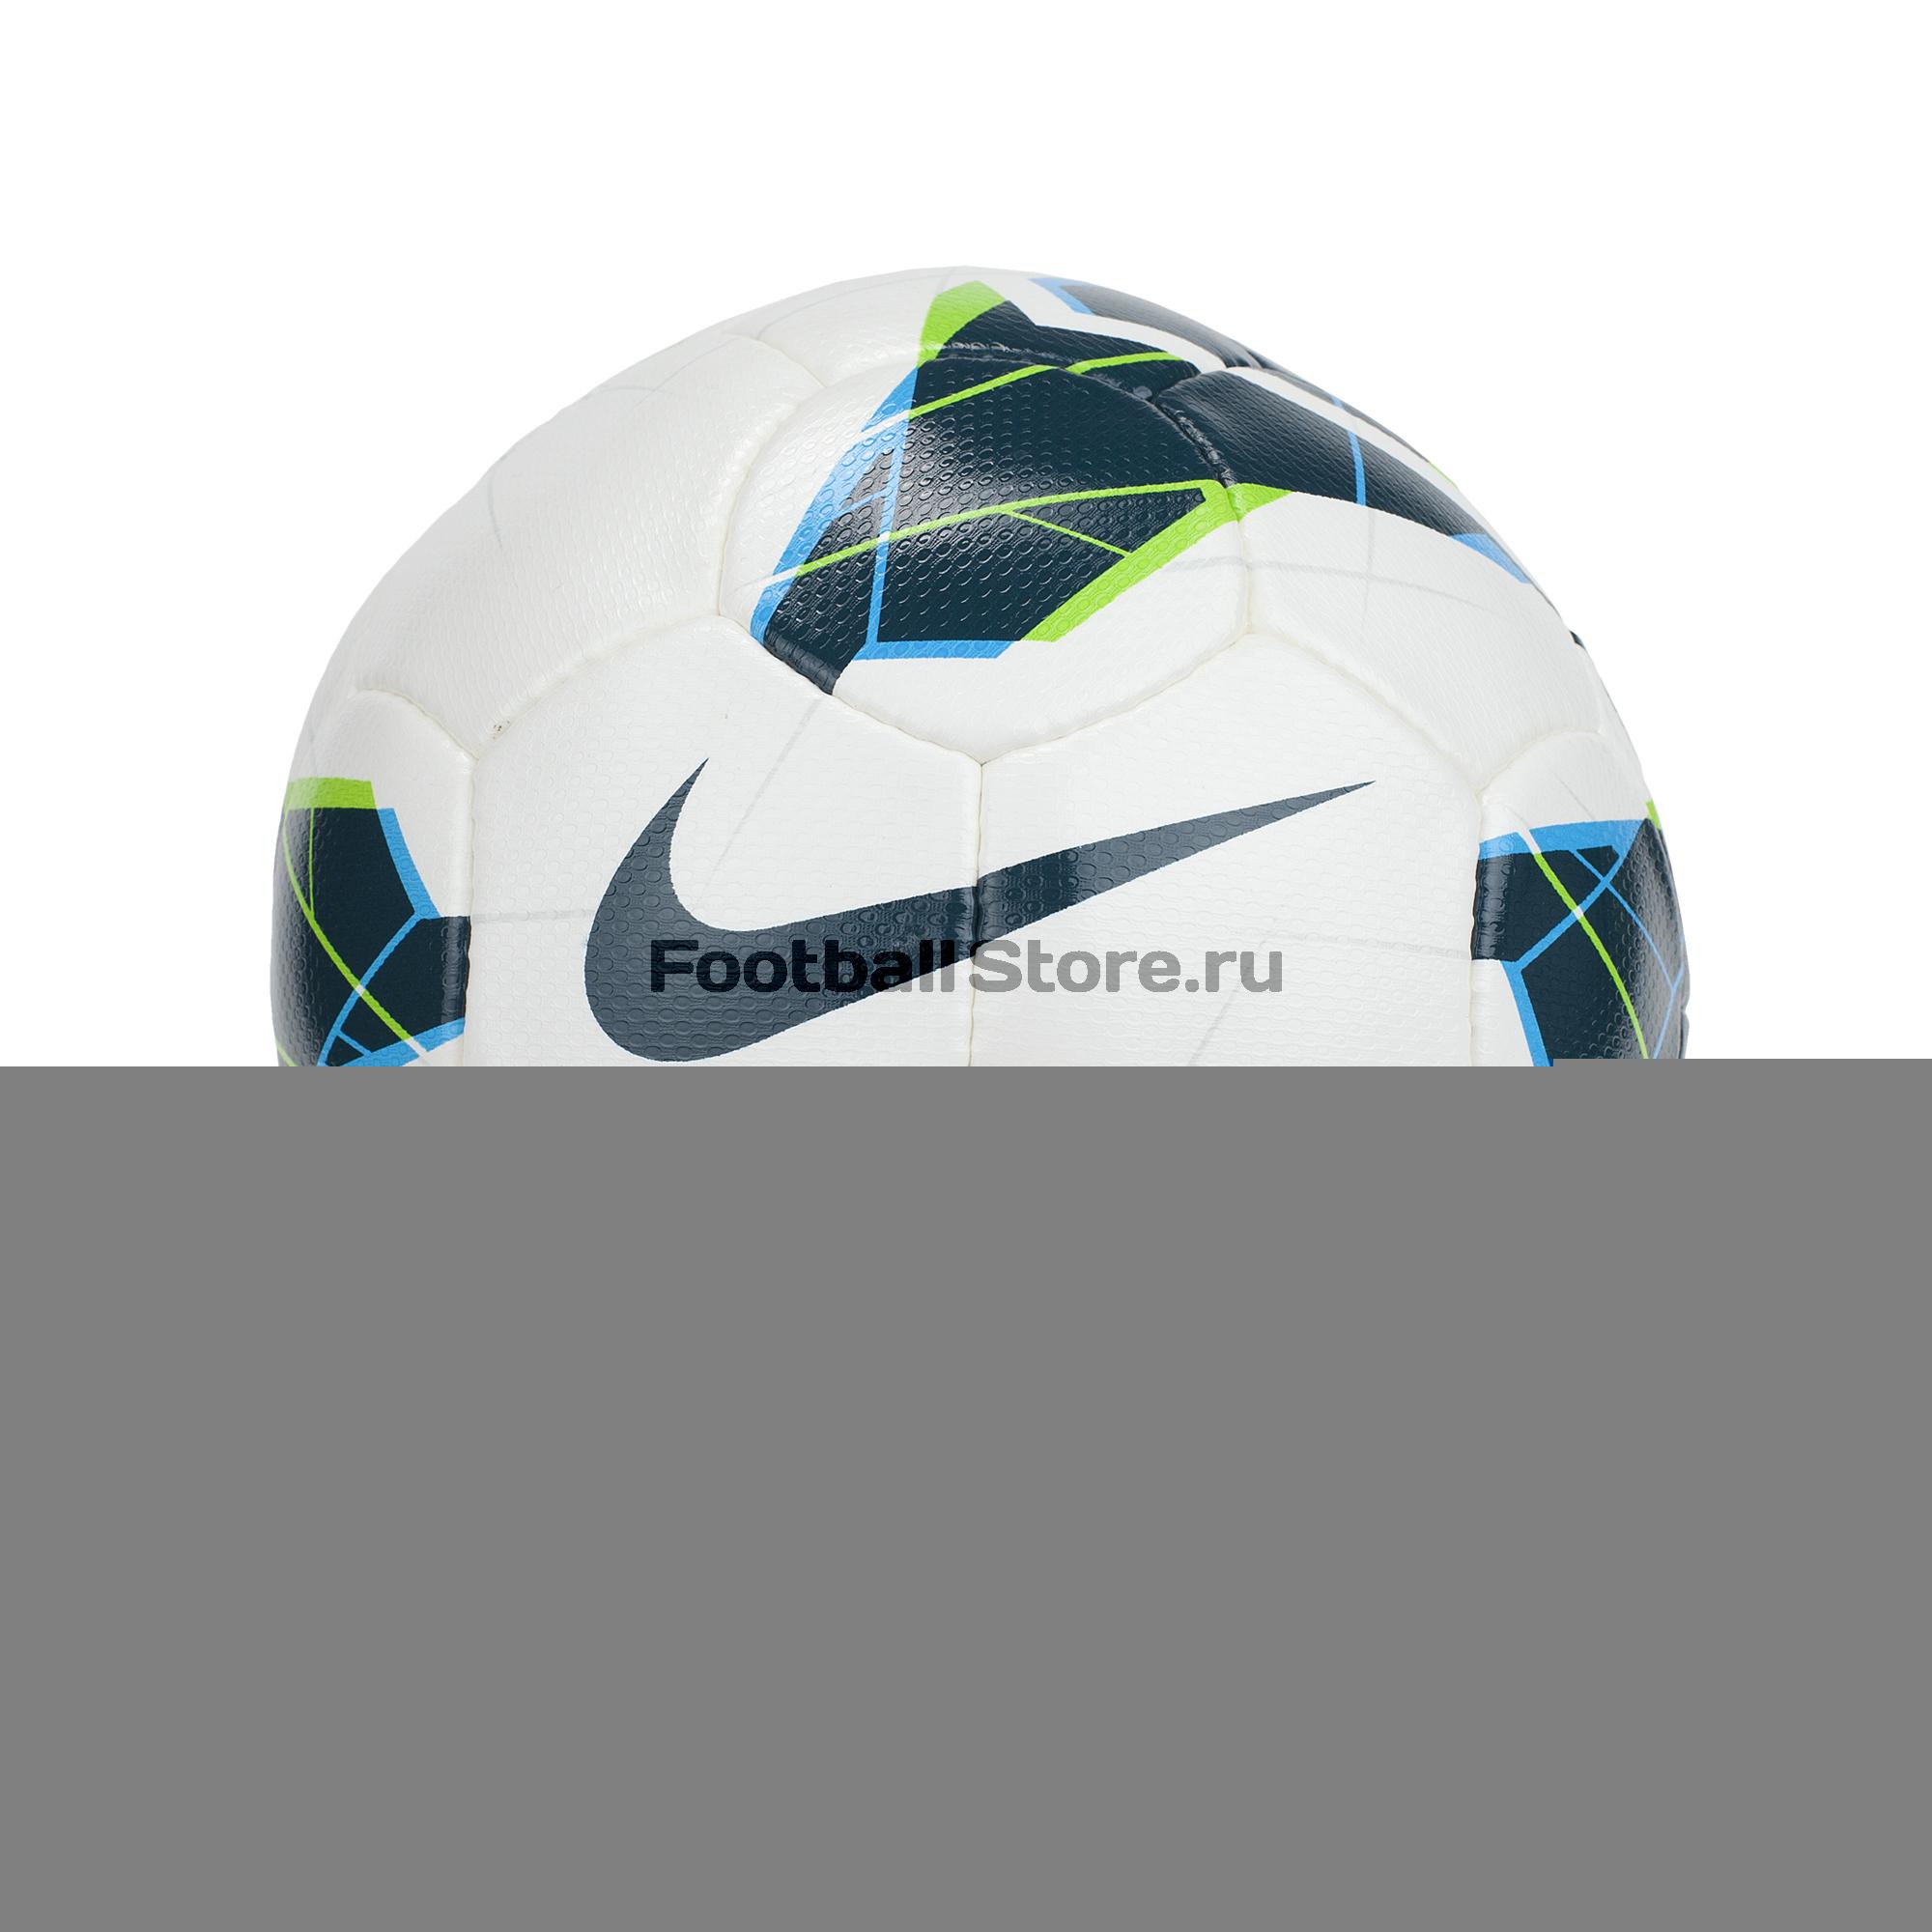 Классические Nike Мяч футбольный Nike Maxim SC2126-144